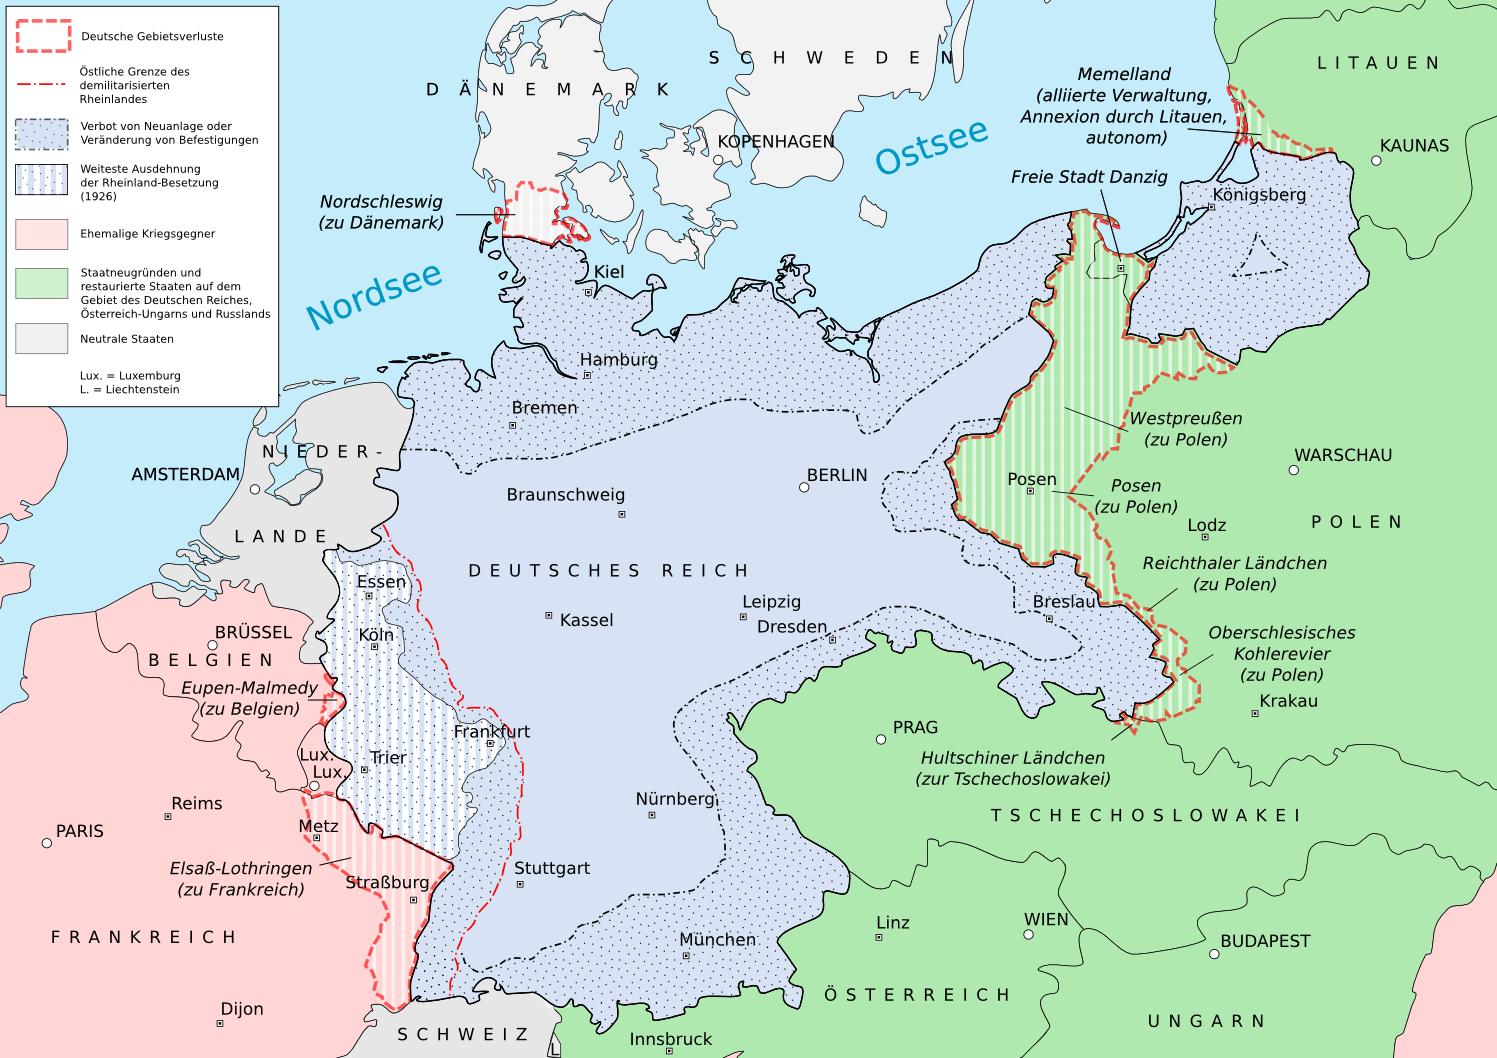 Entfernungsmesser für wanderkarten: land und wanderkarten